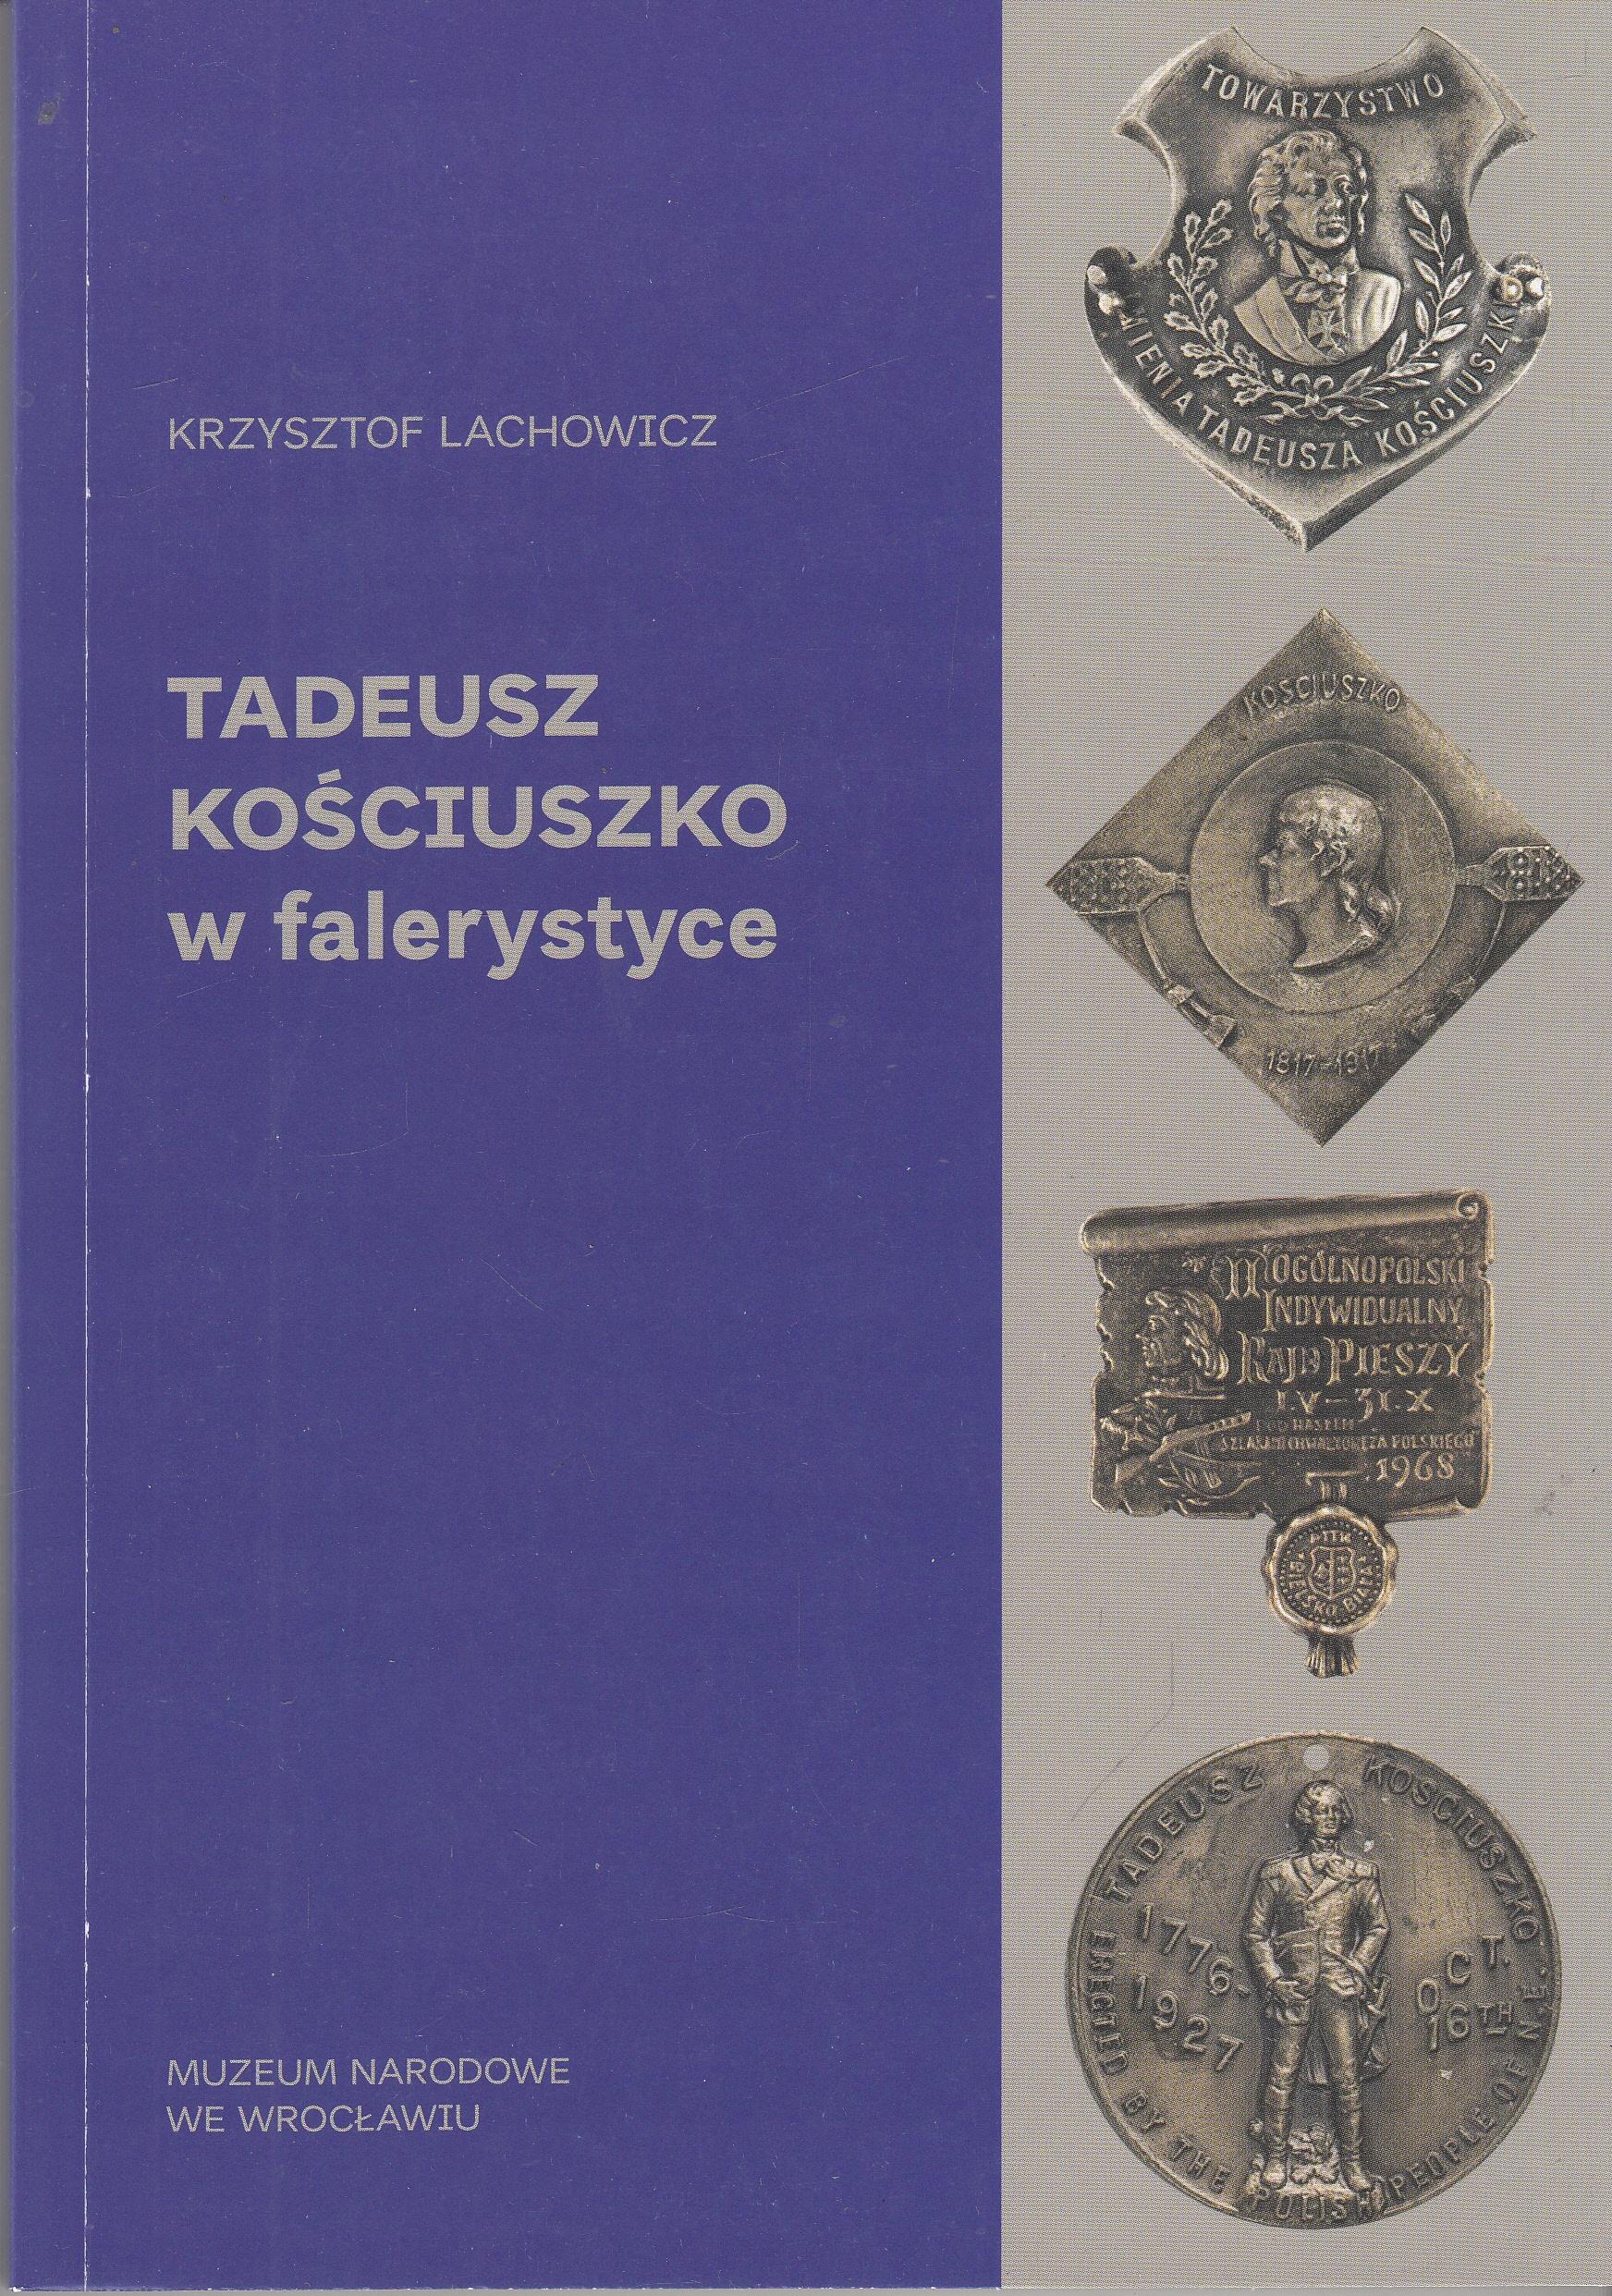 Tadeusz Kościuszko w falerystyce biżuteria